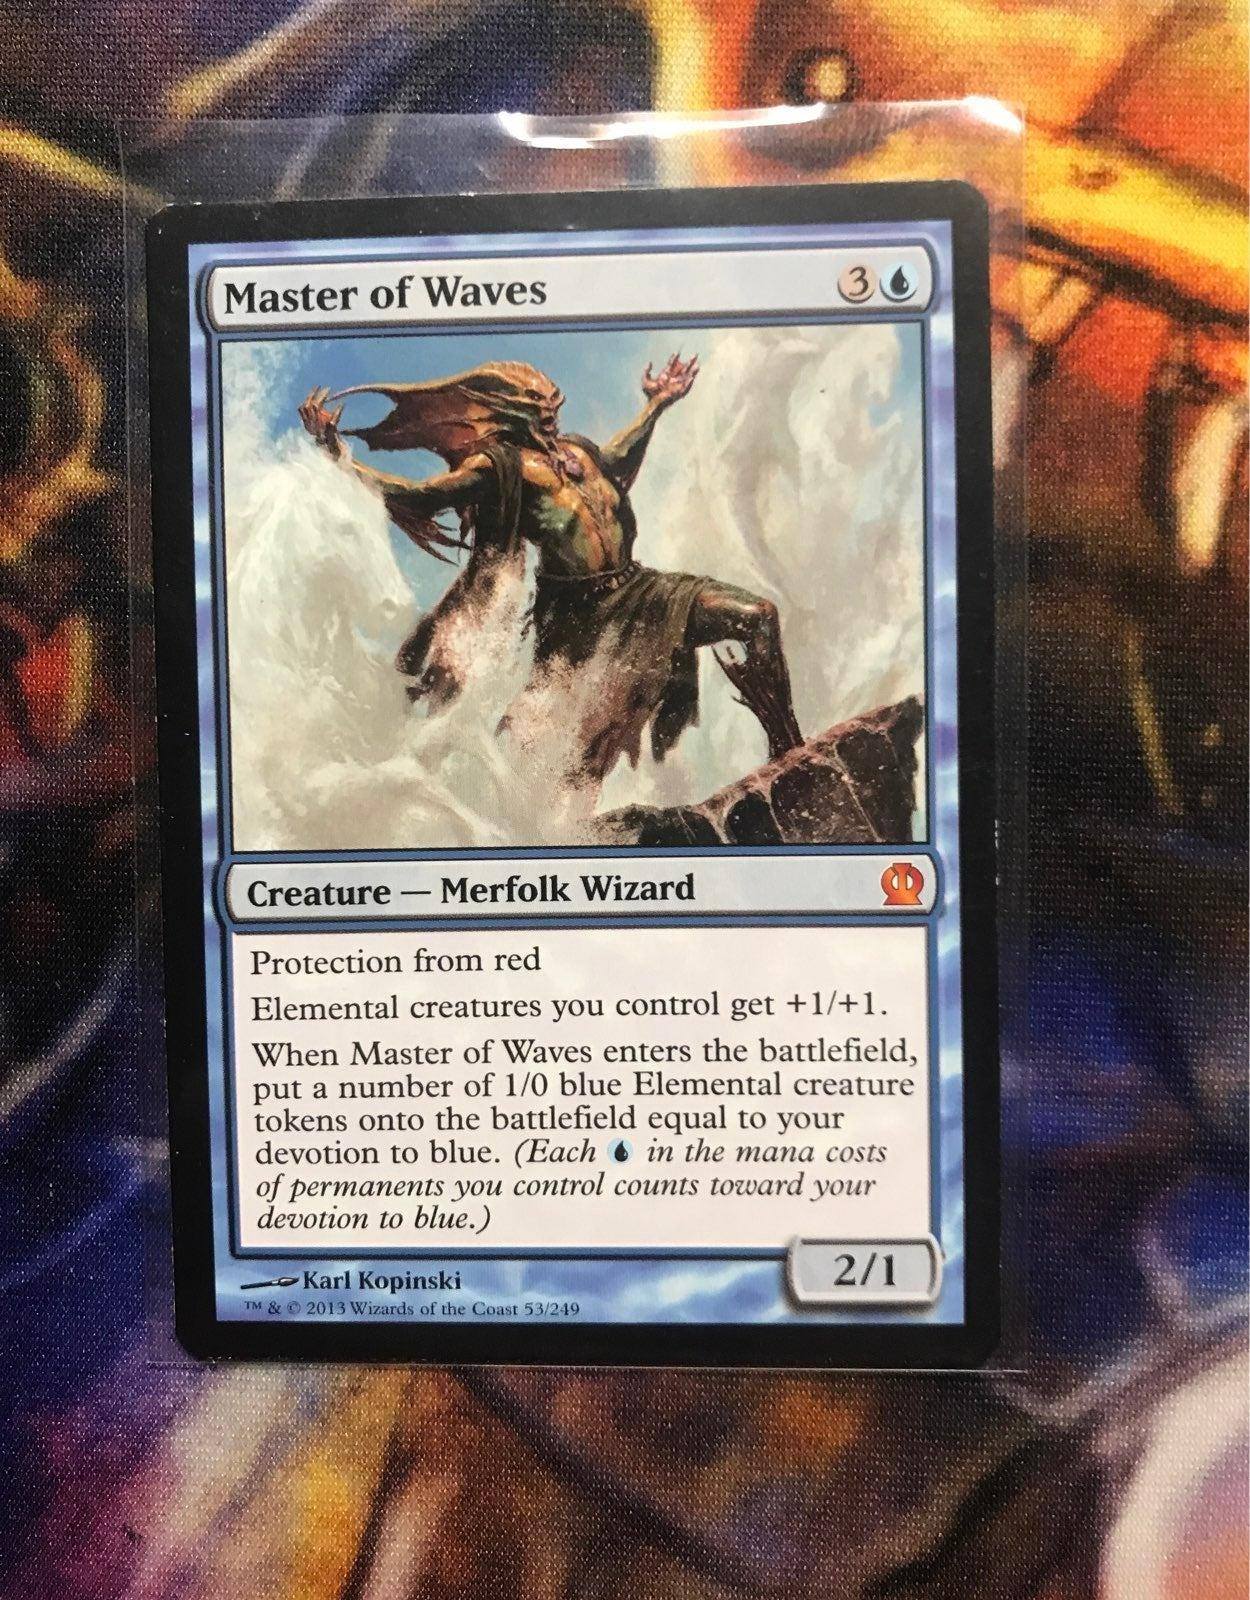 MTG Master of Waves card